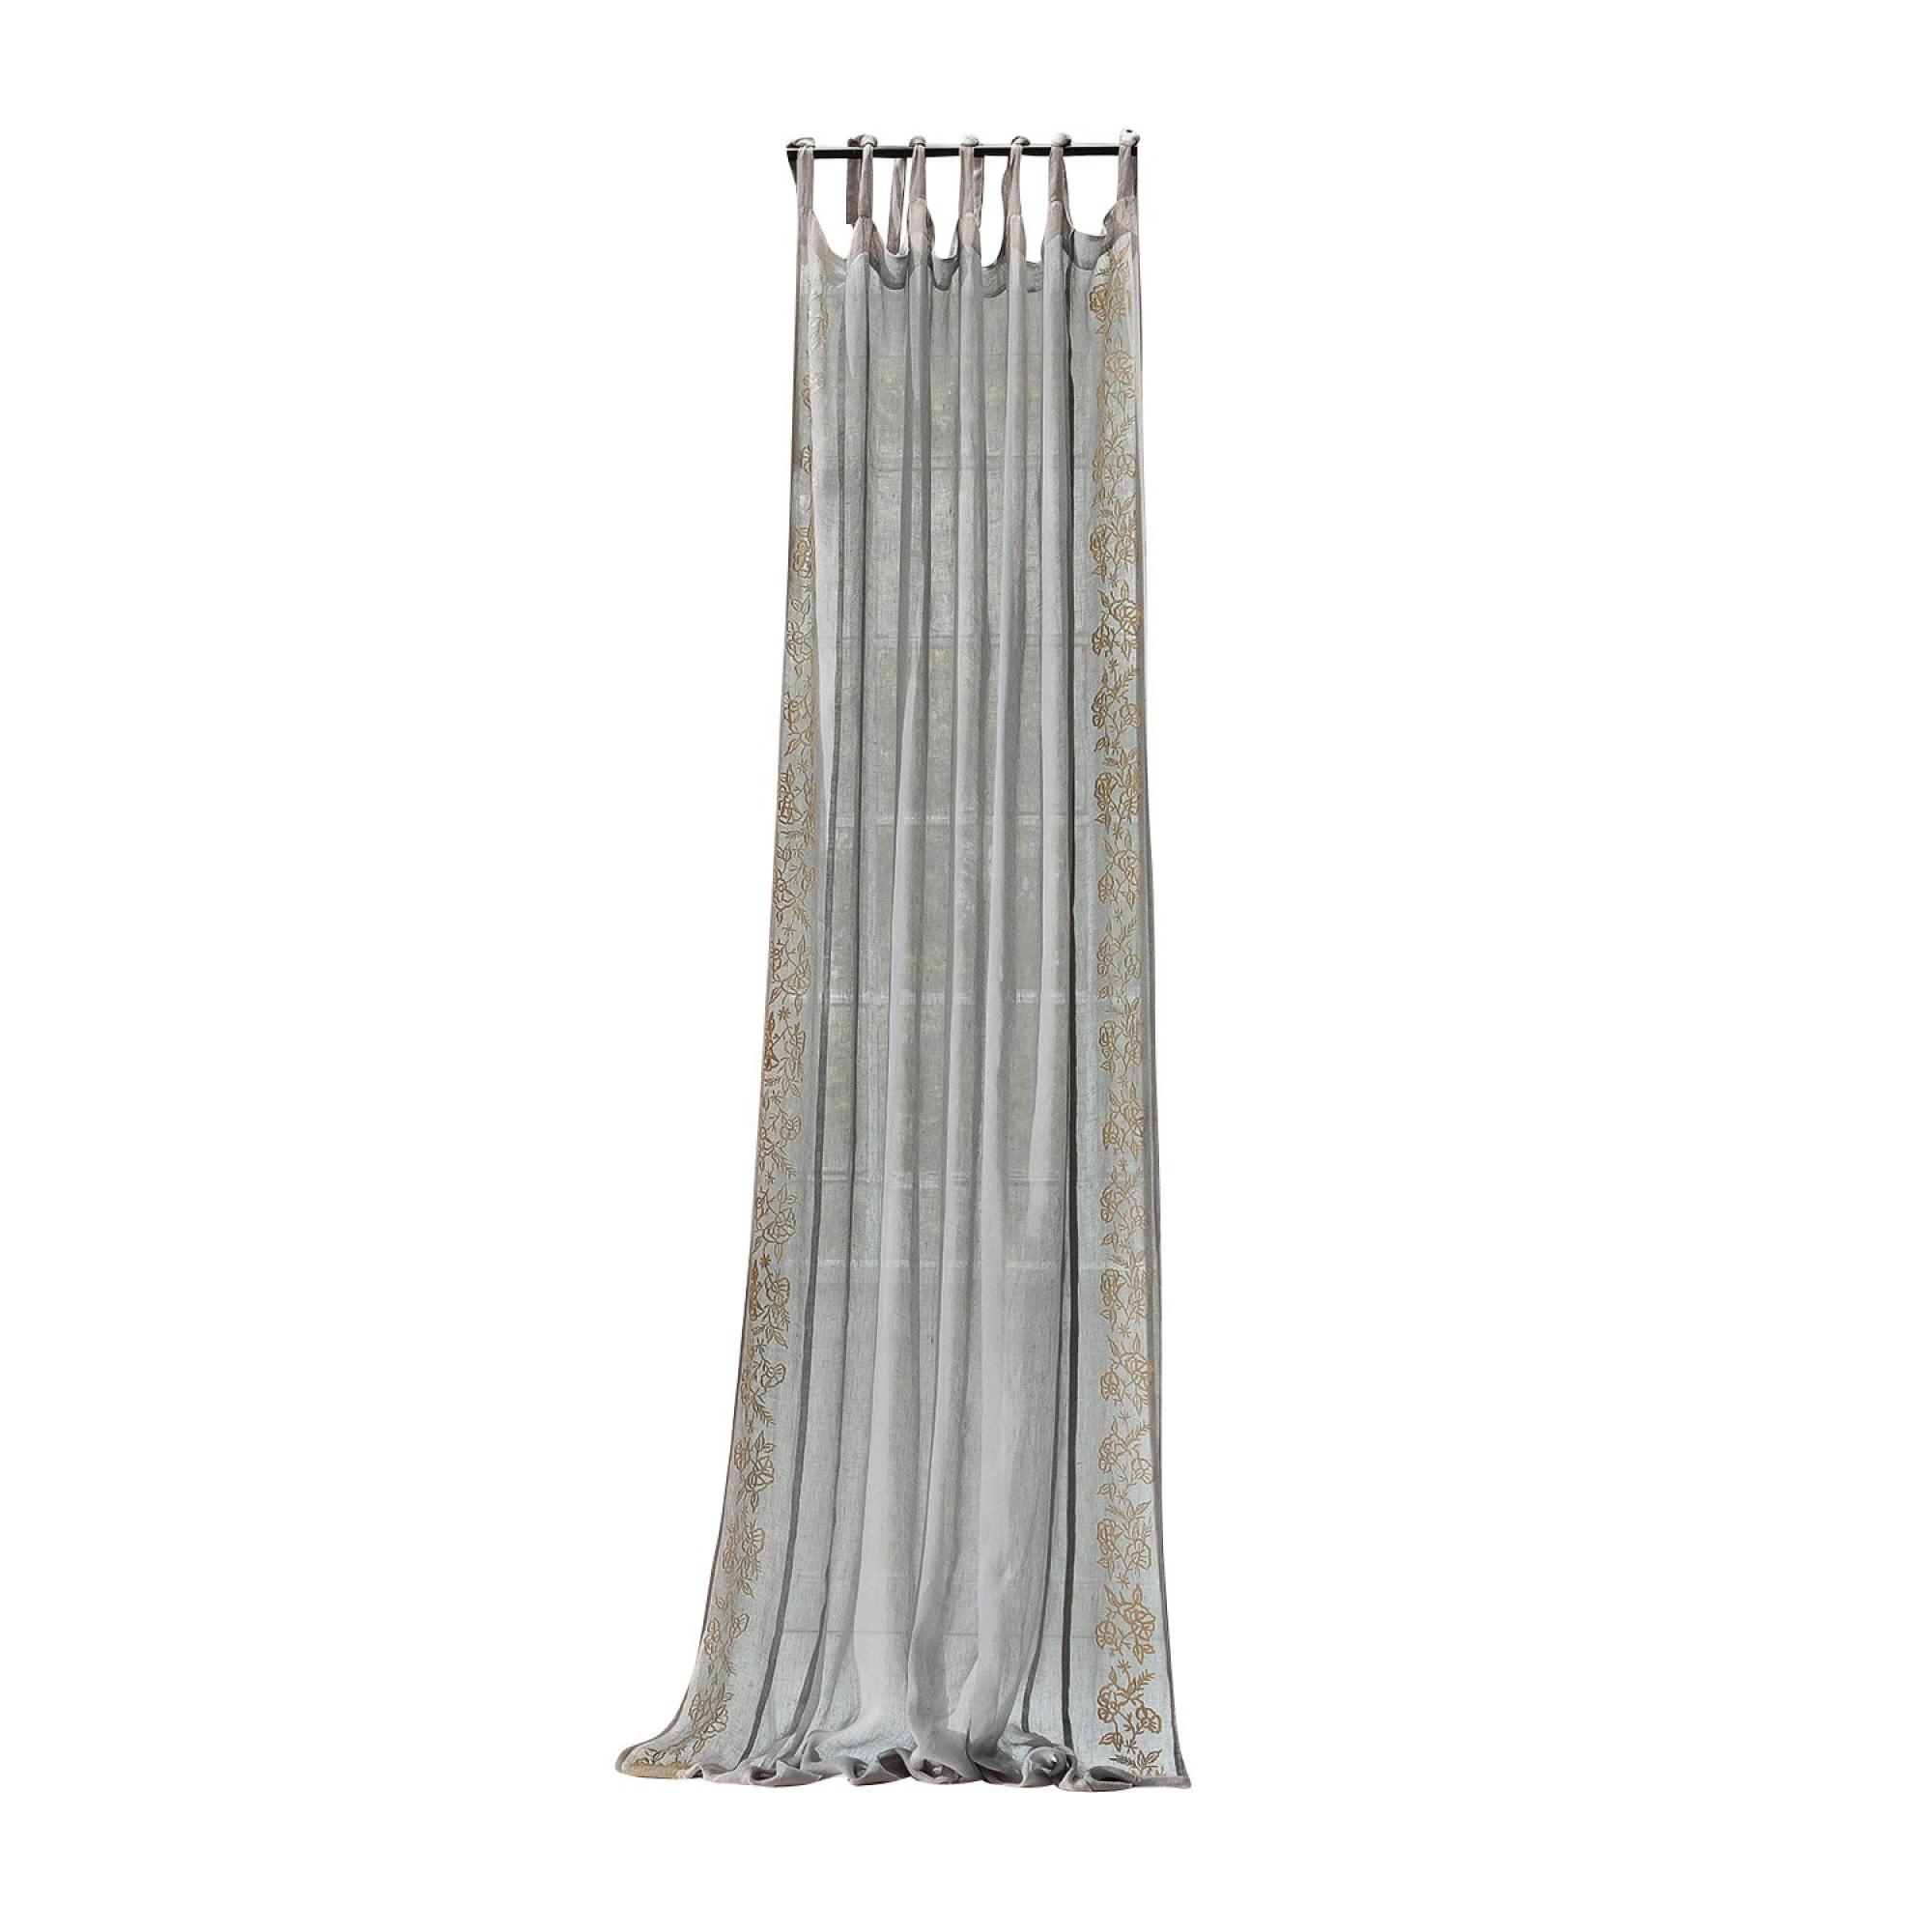 gardinen deko gardinen kauf auf rechnung gardinen. Black Bedroom Furniture Sets. Home Design Ideas